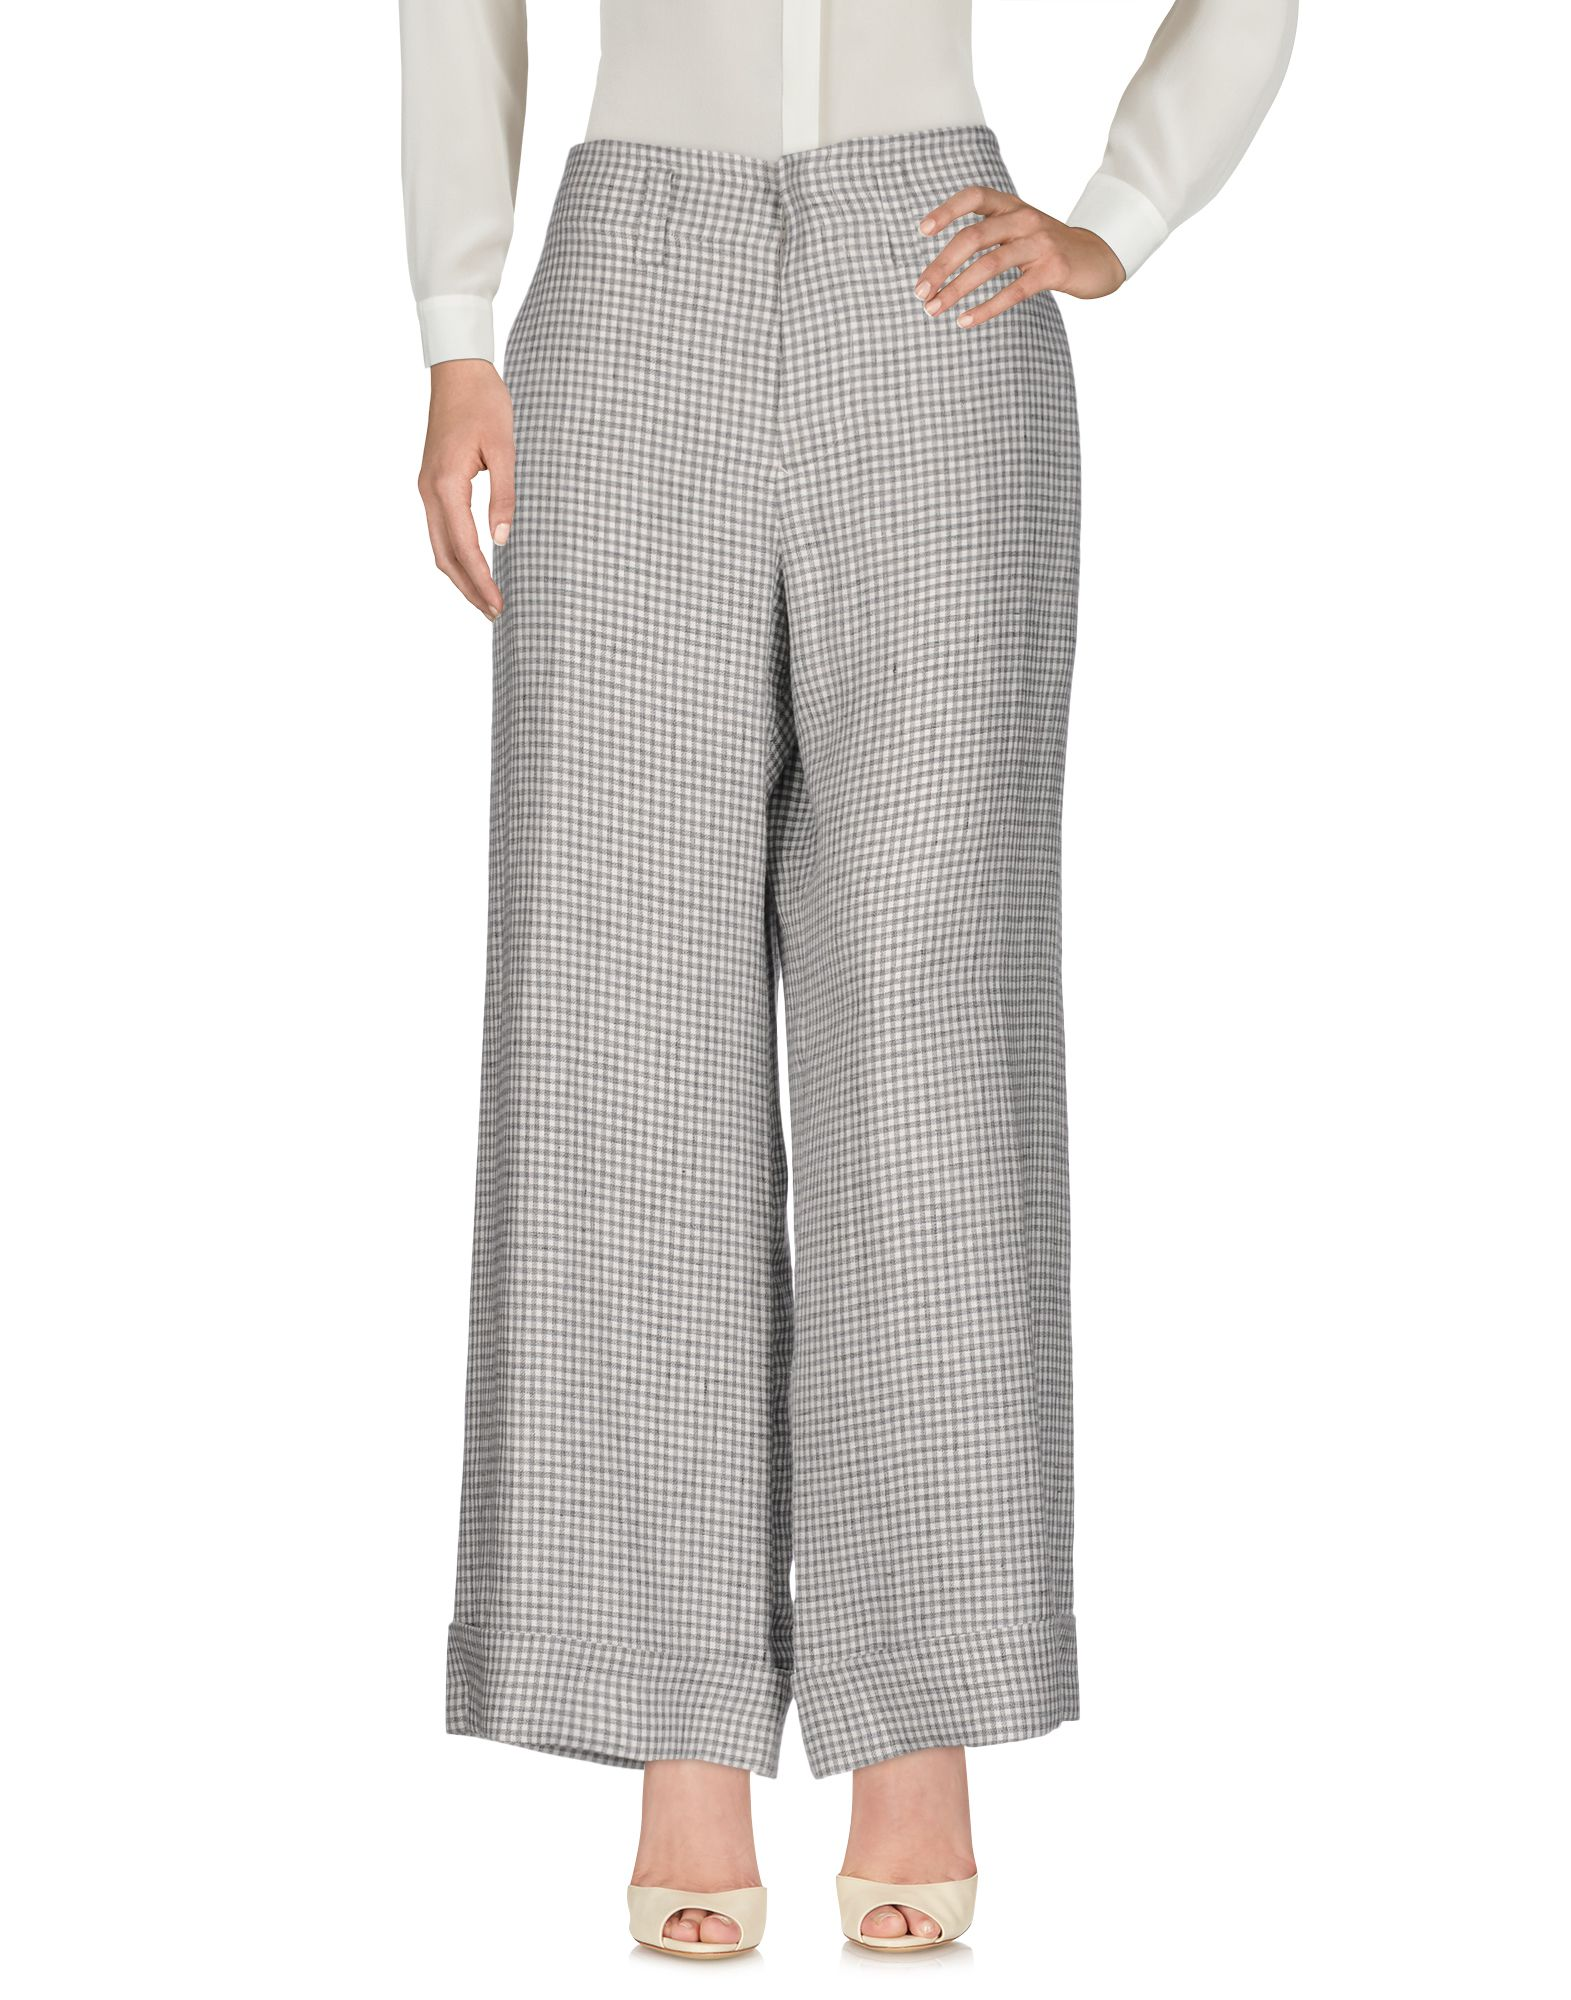 GOUSSET Повседневные брюки брюки широкие с принтом в клетку виши